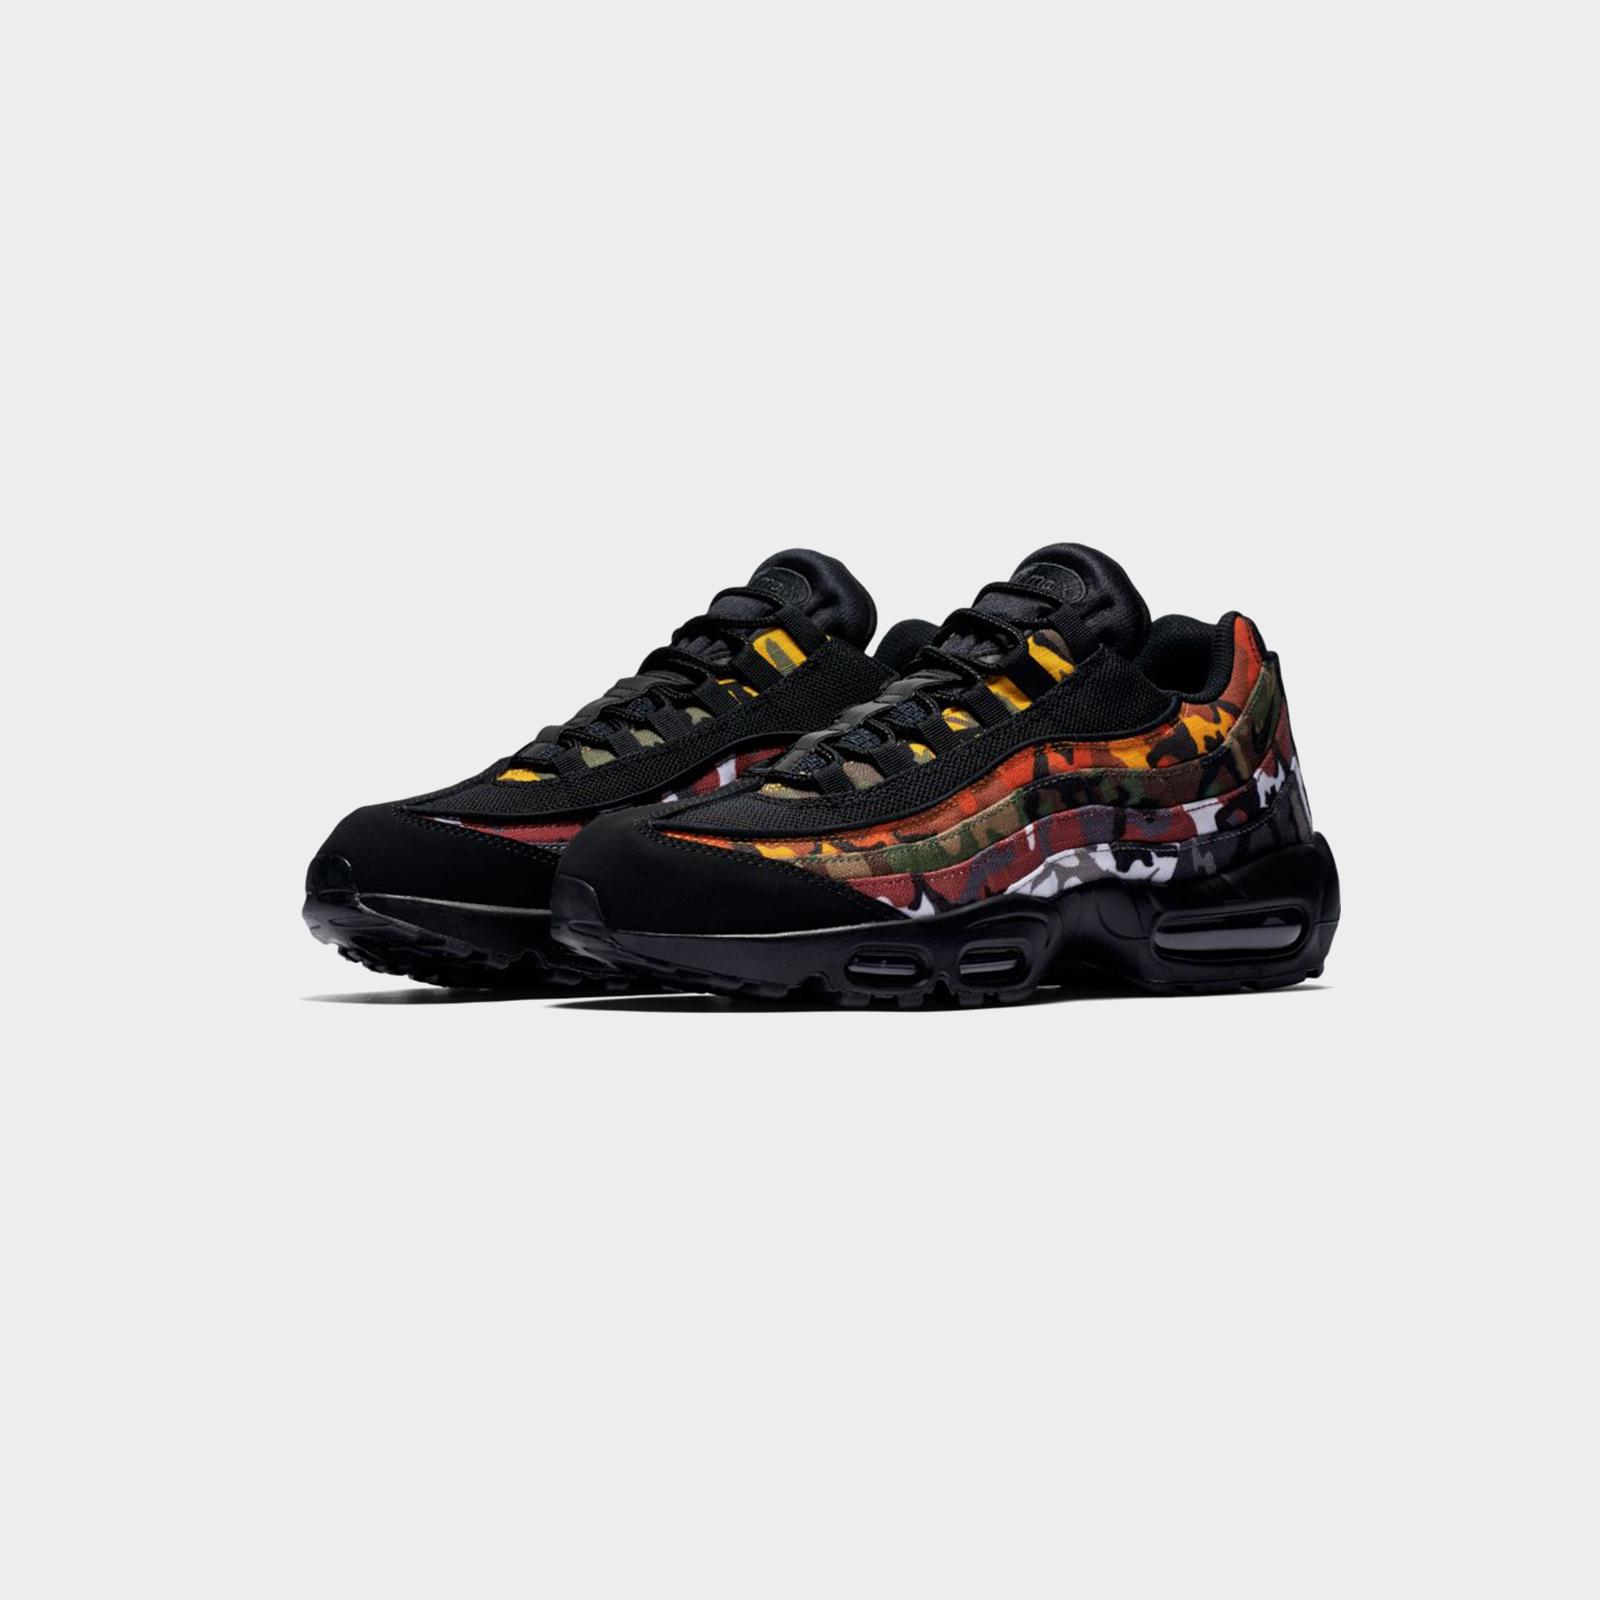 d32e9d741775 Nike Air Max 95 ERDL Party - Ar4473-001 - Sneakersnstuff